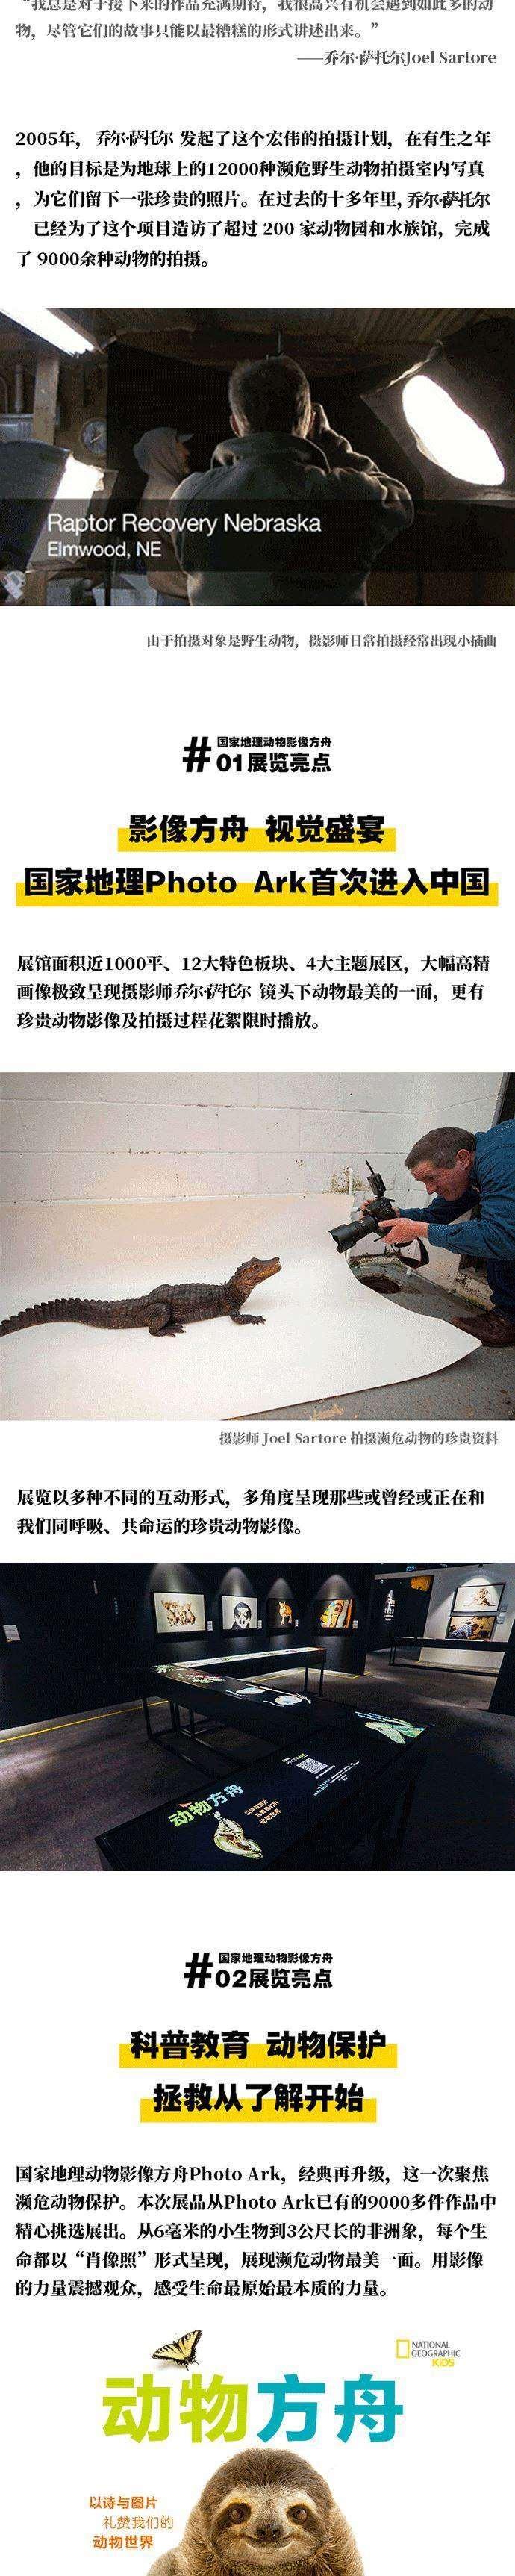 网易华东×国家地理展活动页面_03.gif